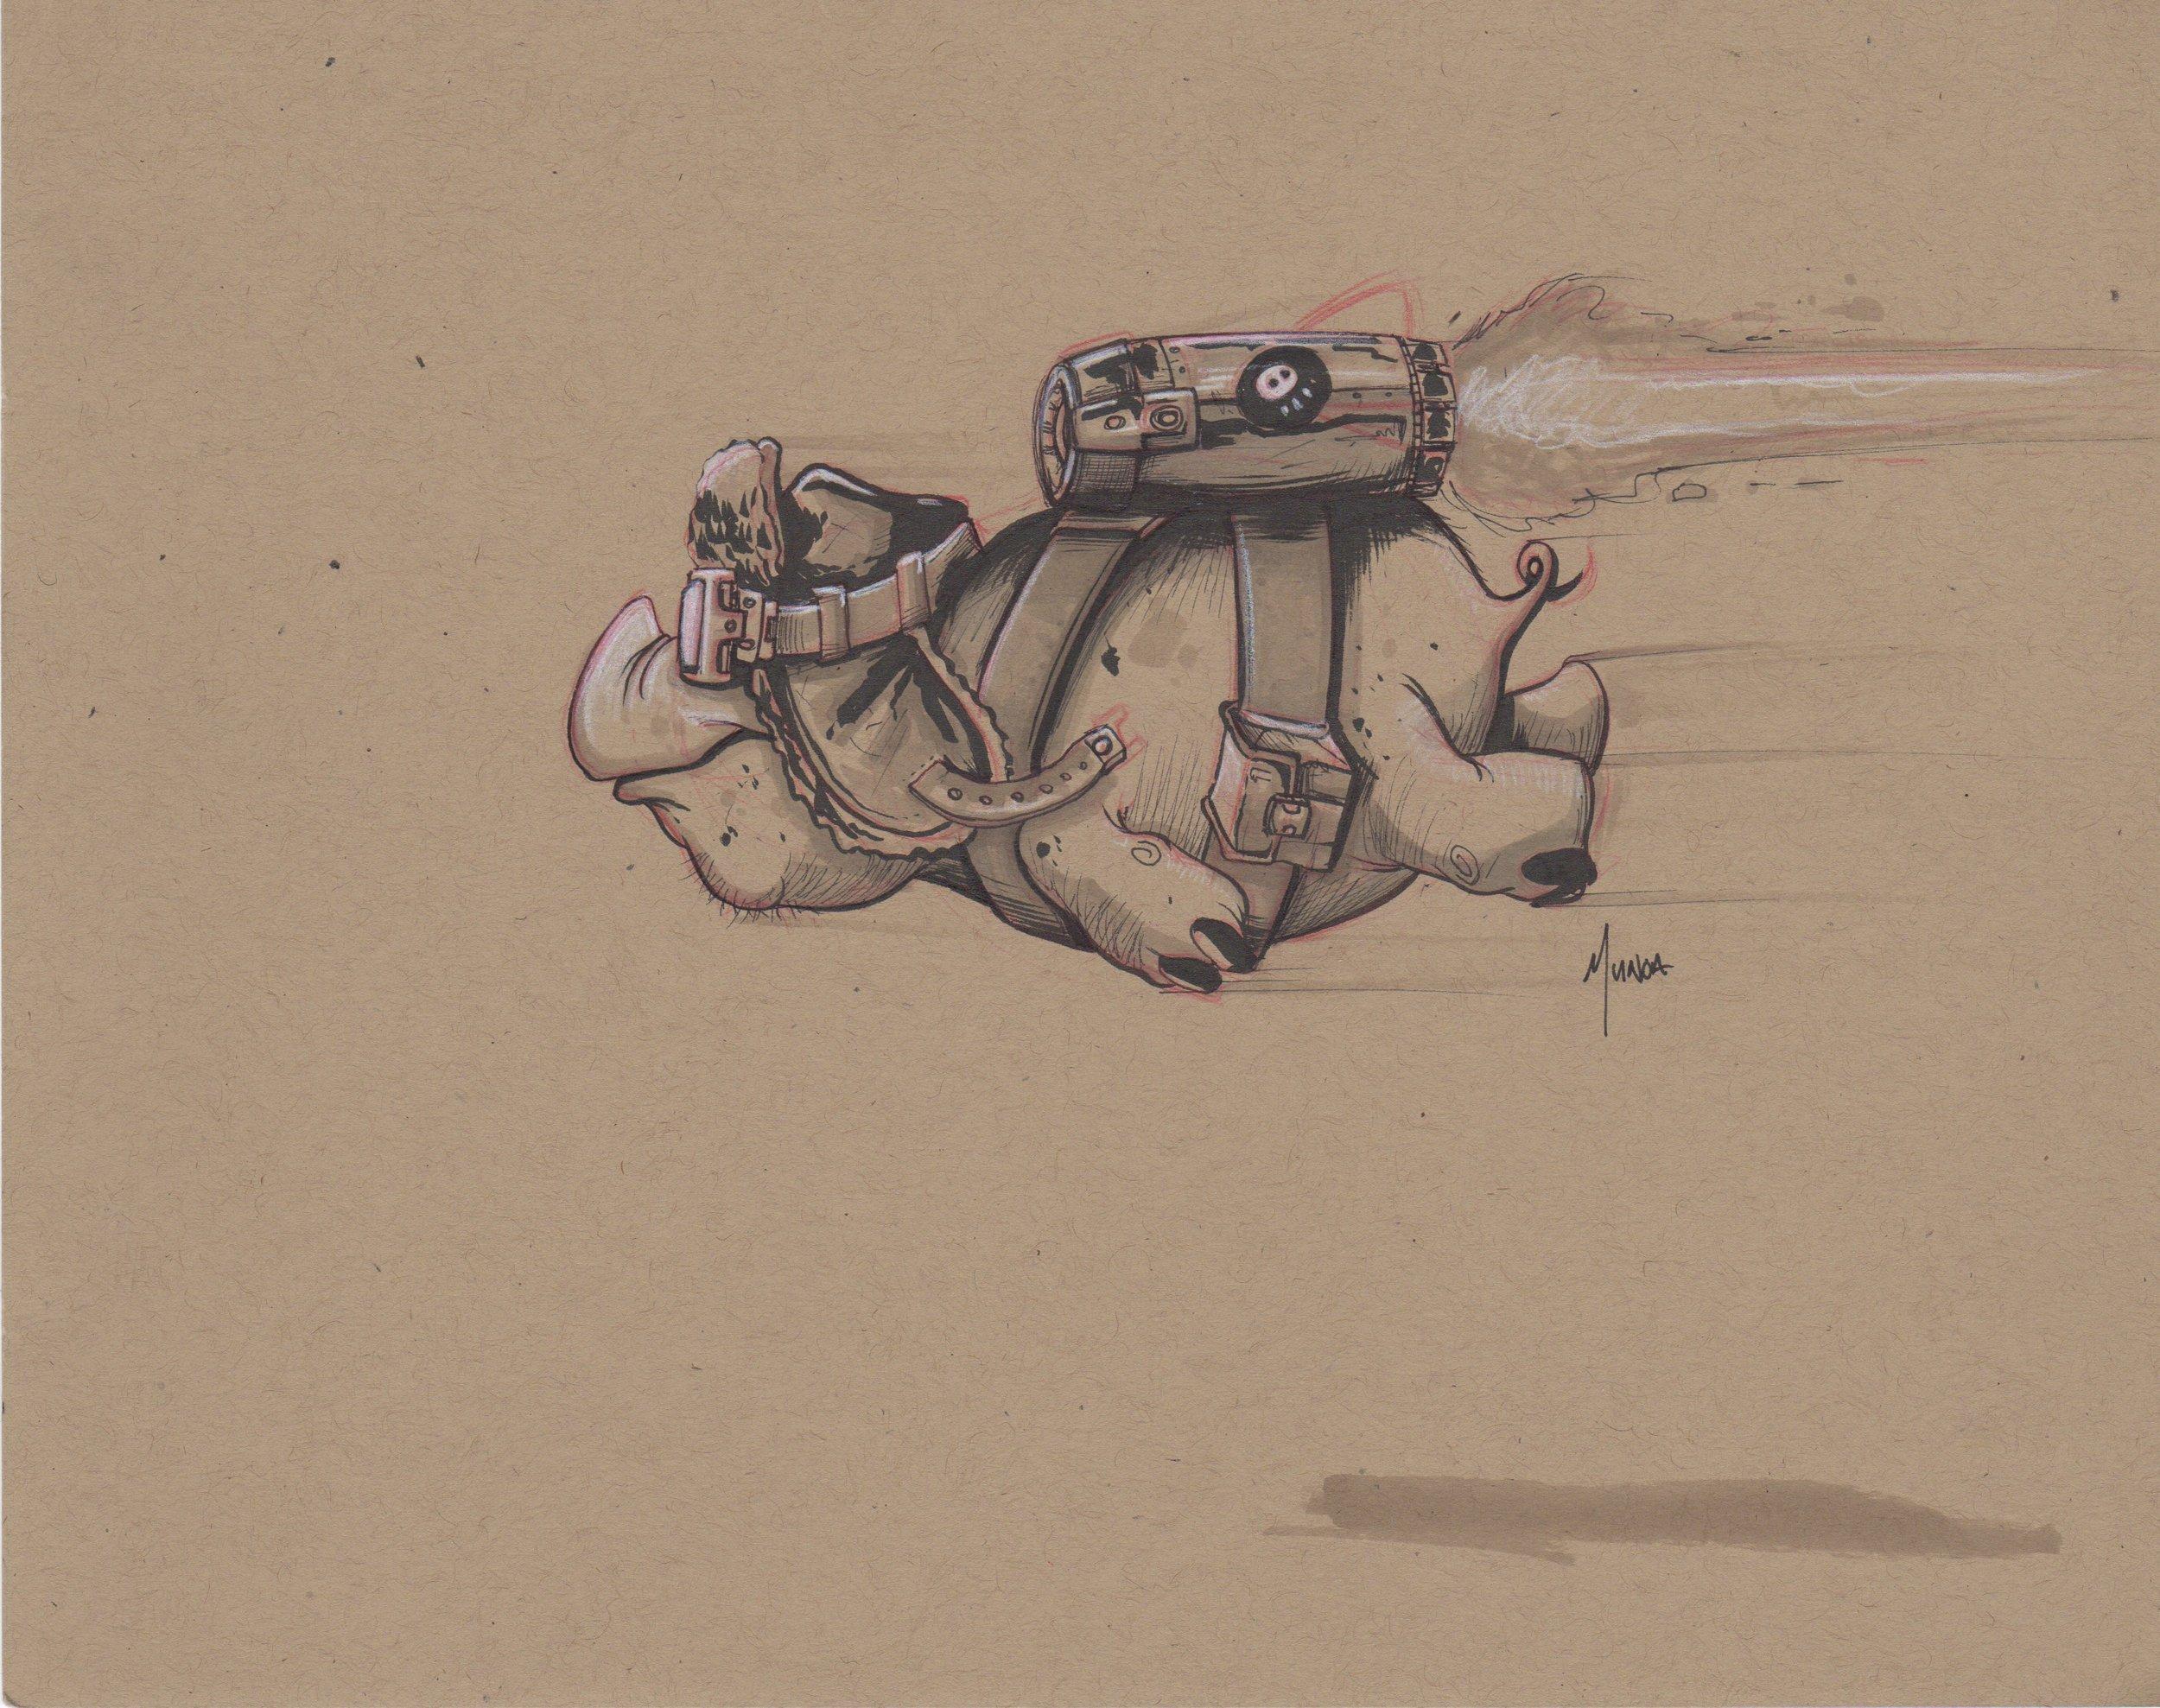 flying pig_sketch.jpeg